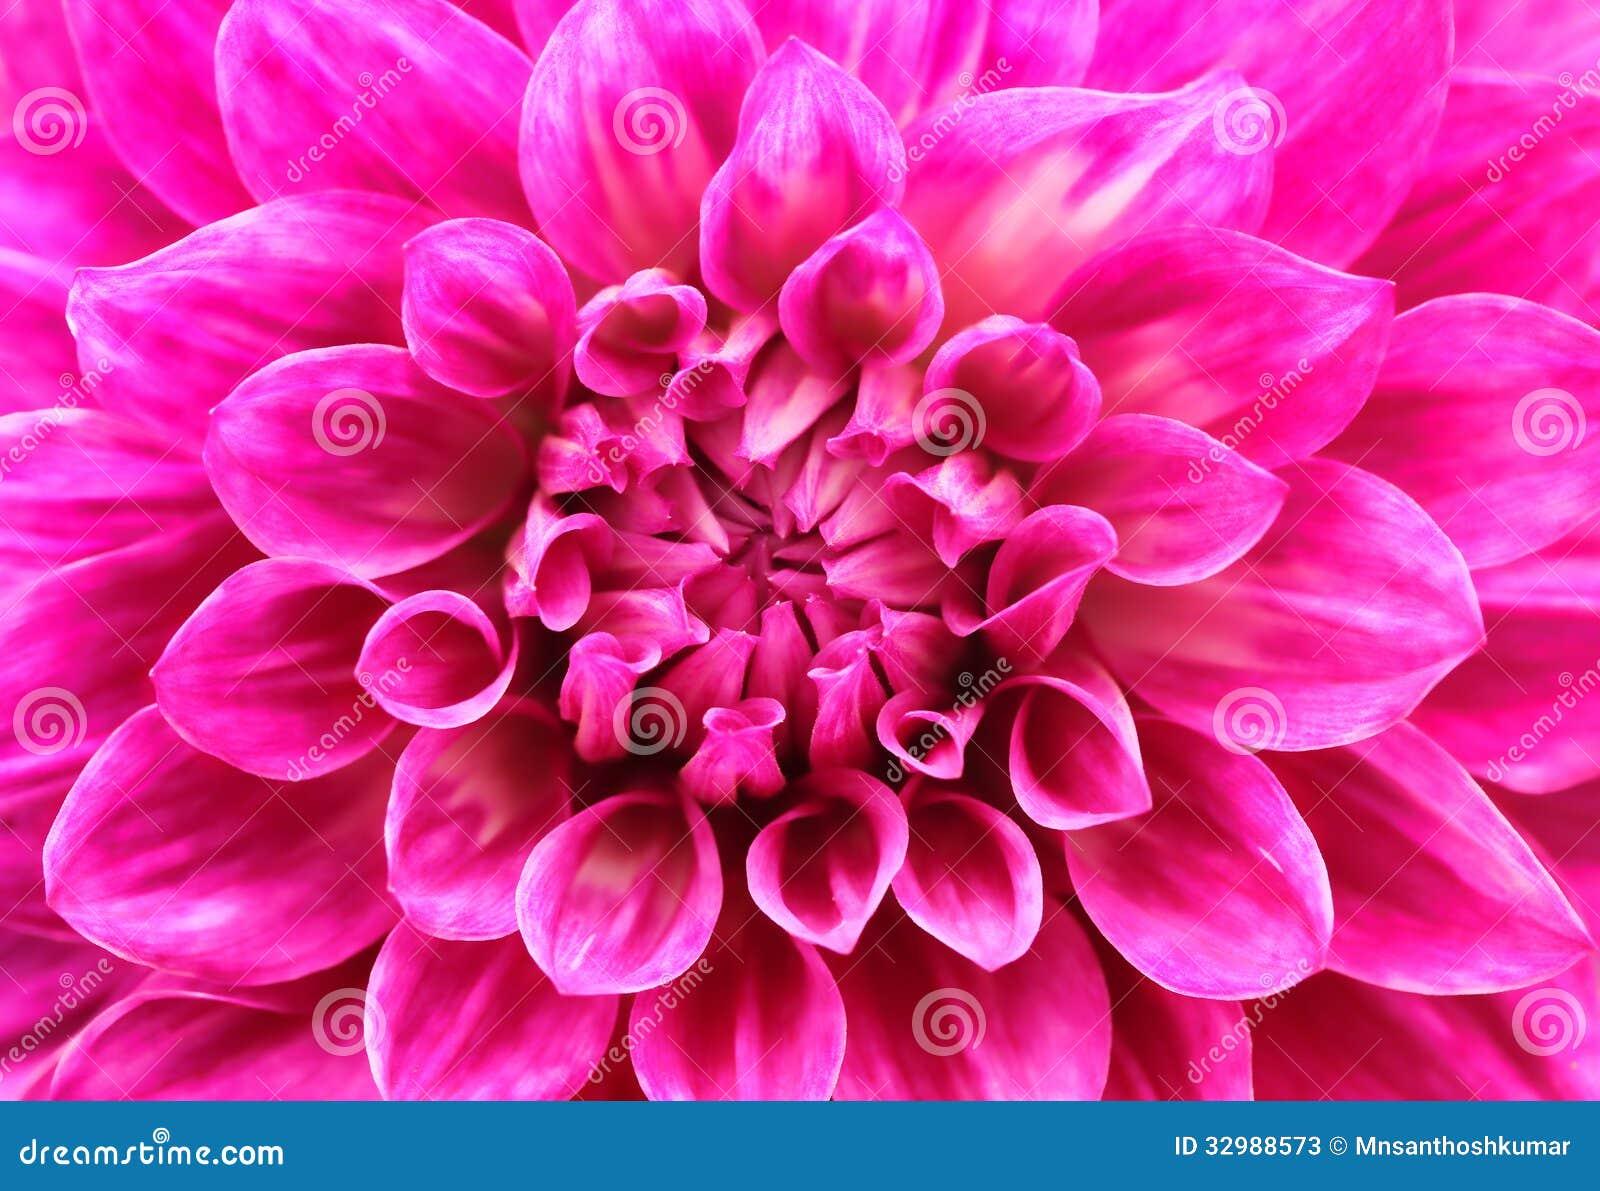 Abstrakcjonistyczny makro- różowy dalii stokrotki kwiat z uroczymi płatkami